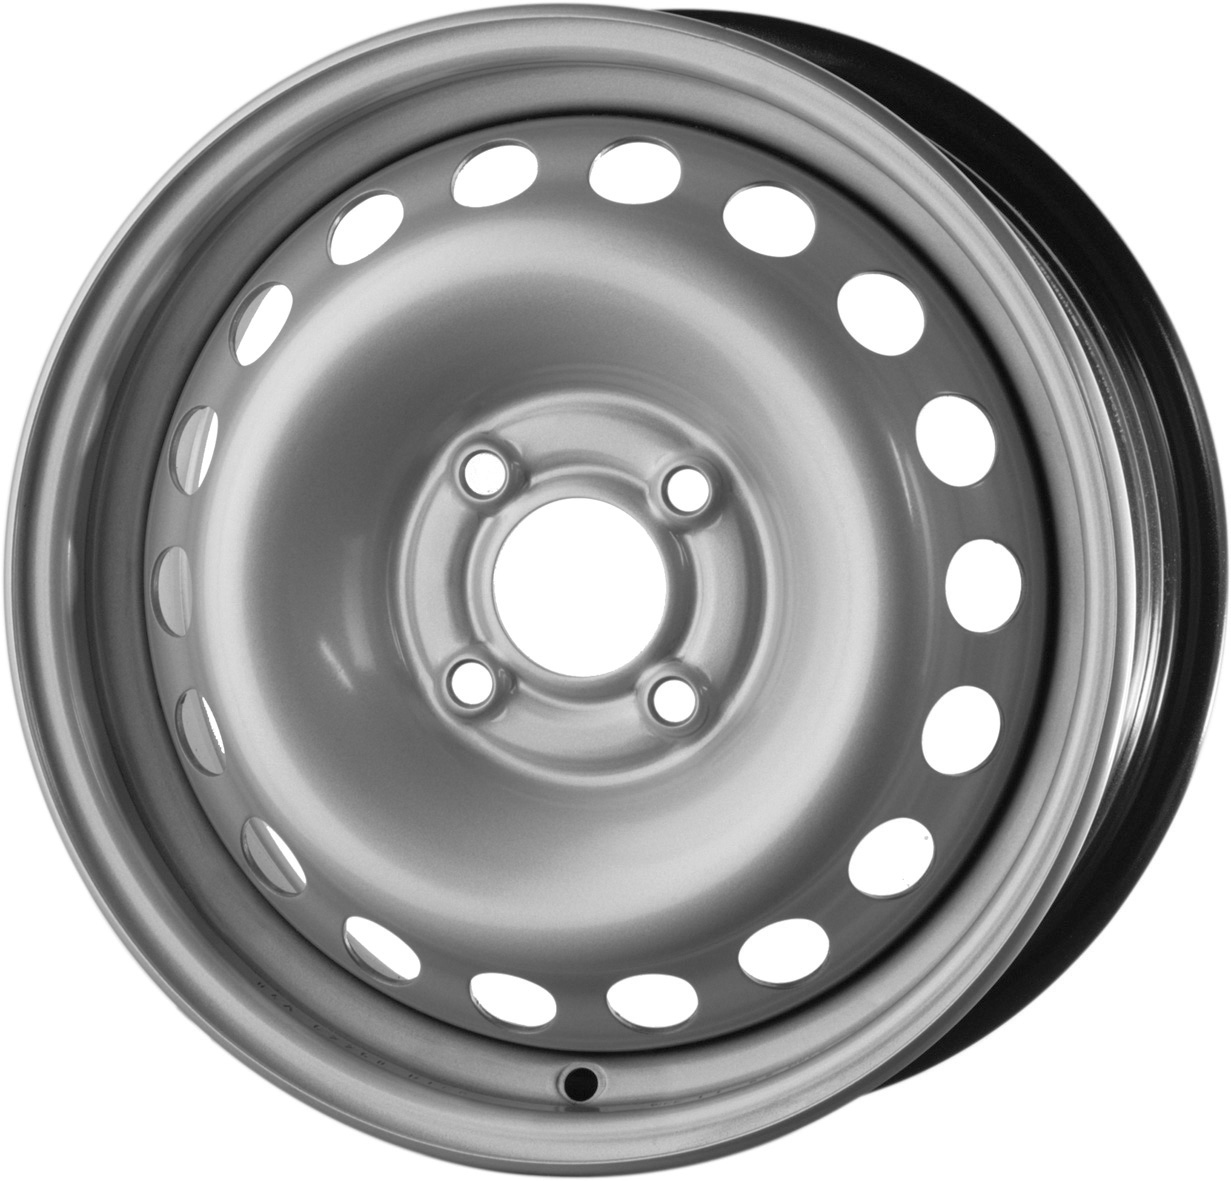 Vorschau: 14″ Stahlrad Winter für Renault Kangoo Rapid 1.5 dCi (W) Kumho WP51 185/70 R14 88T